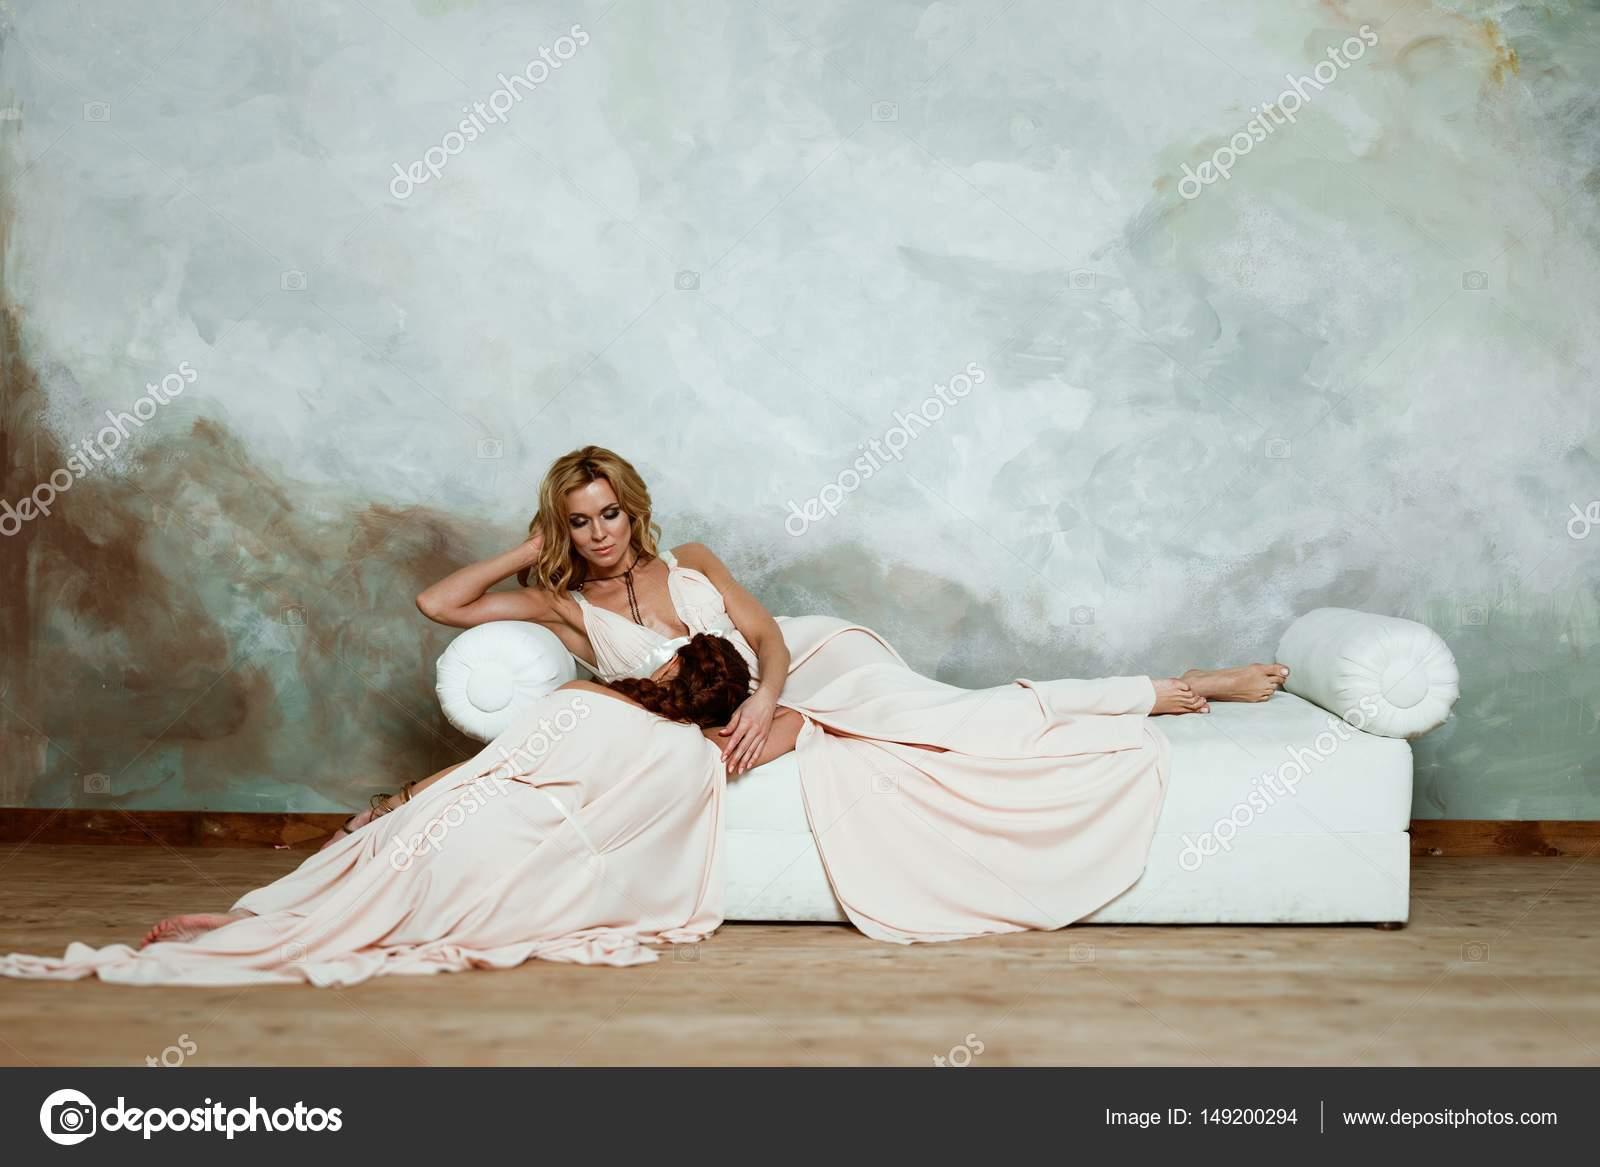 a957c00d13a Δύο όμορφες νεαρές γυναίκες ποζάρουν στο κομψό αρχαιοελληνικού τύπου μακριά  φορέματα τοίχος φόντο grunge — Εικόνα από ...